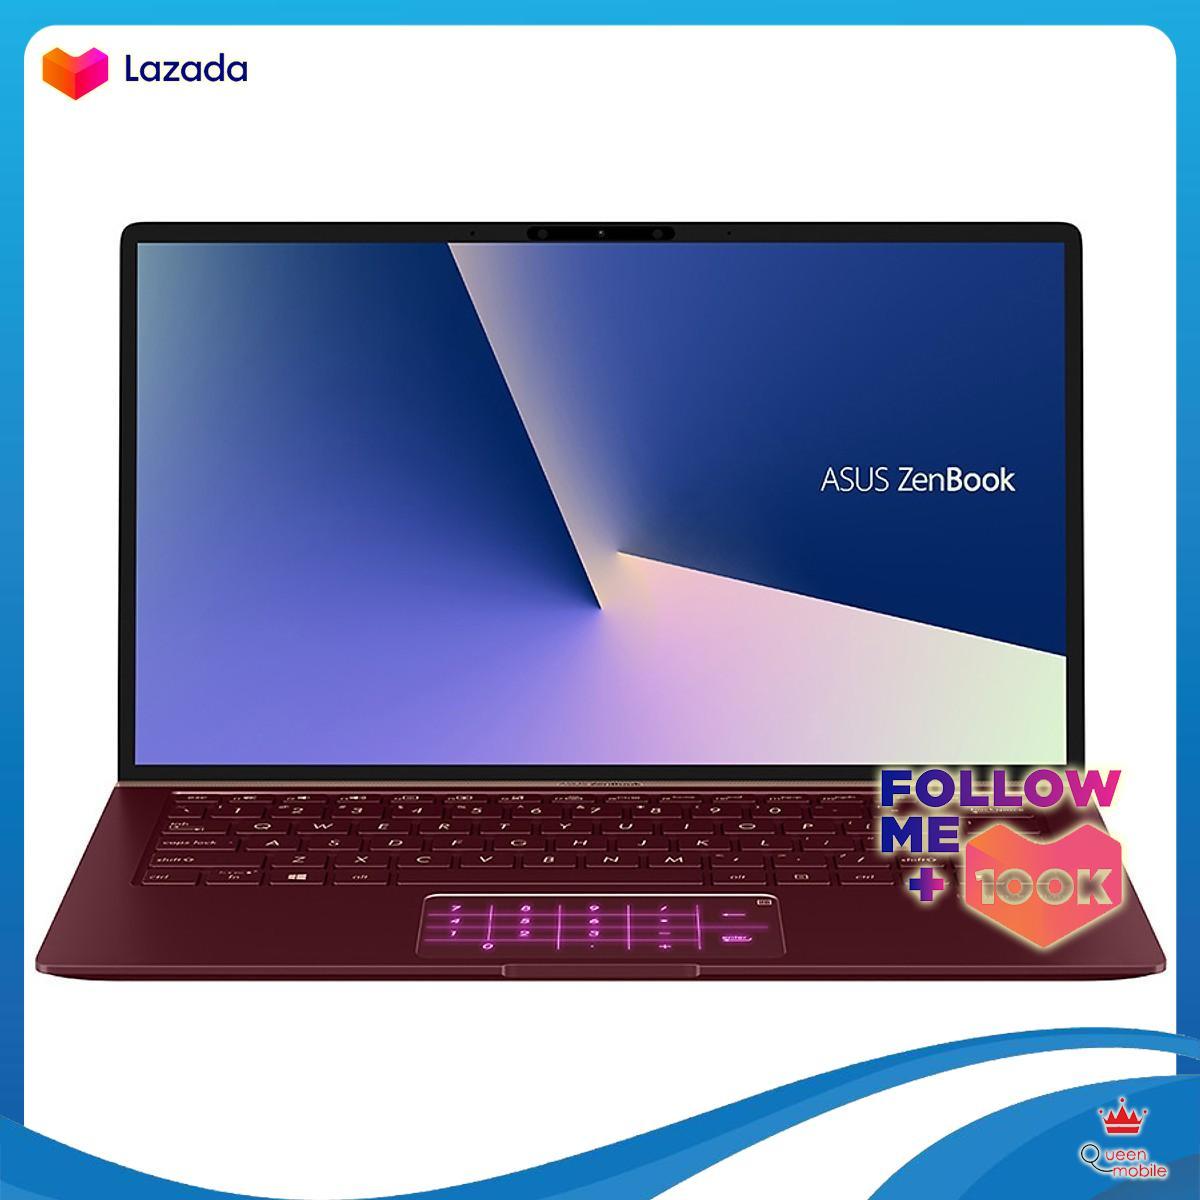 [HCM]Laptop Asus Zenbook 13 UX333FA-A4181T Core i5-8265U/ Win10/ Numpad (13.3 FHD)